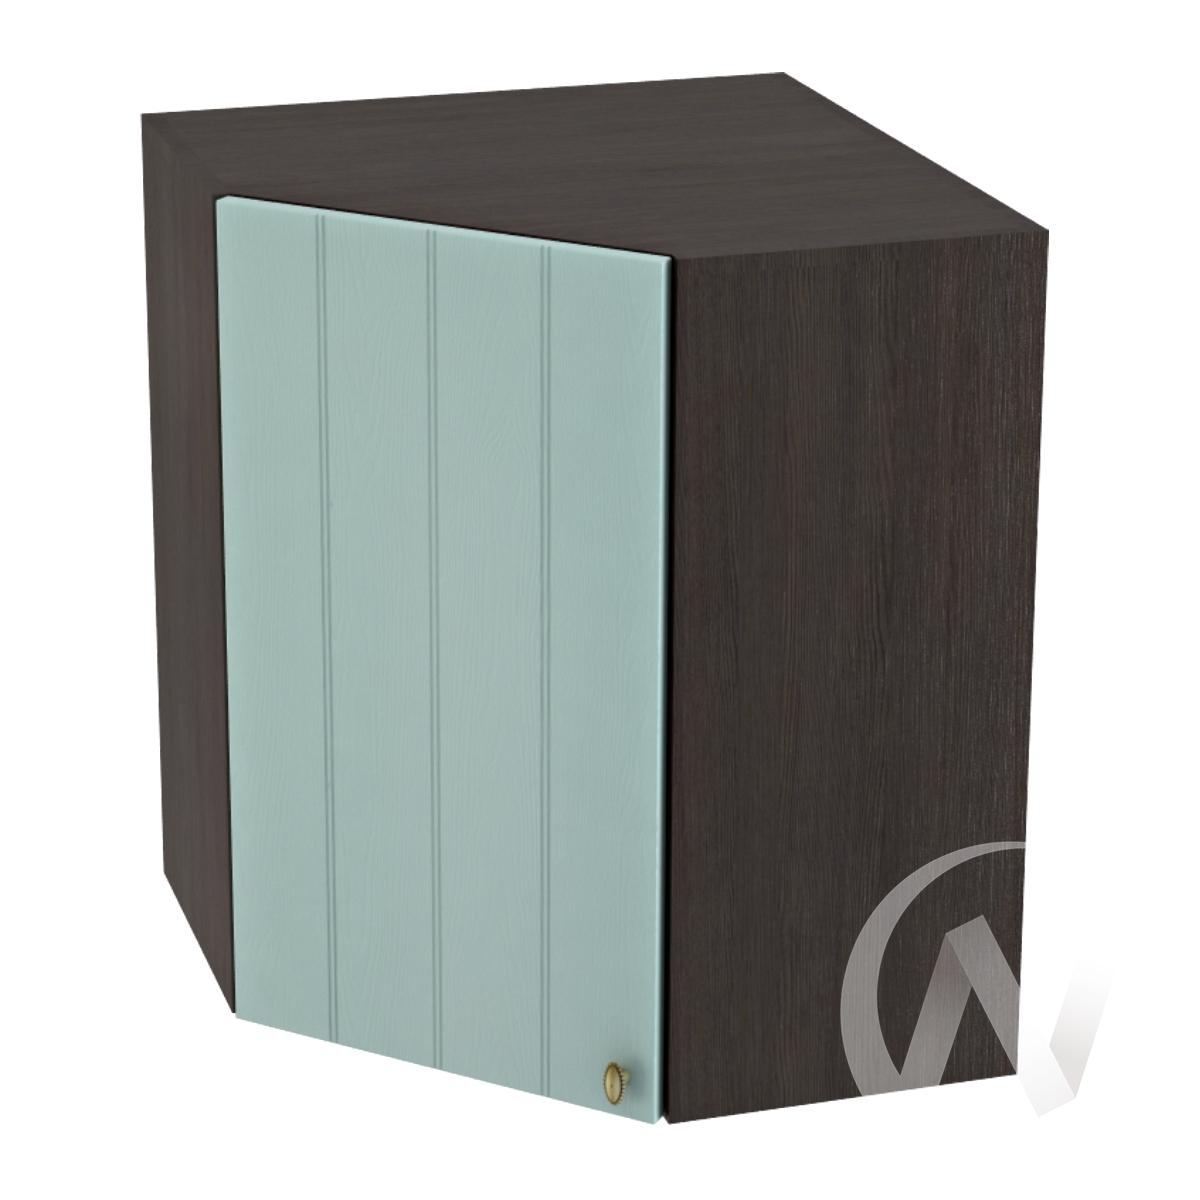 """Кухня """"Прованс"""": Шкаф верхний угловой 590, ШВУ 590 (голубой/корпус венге)"""